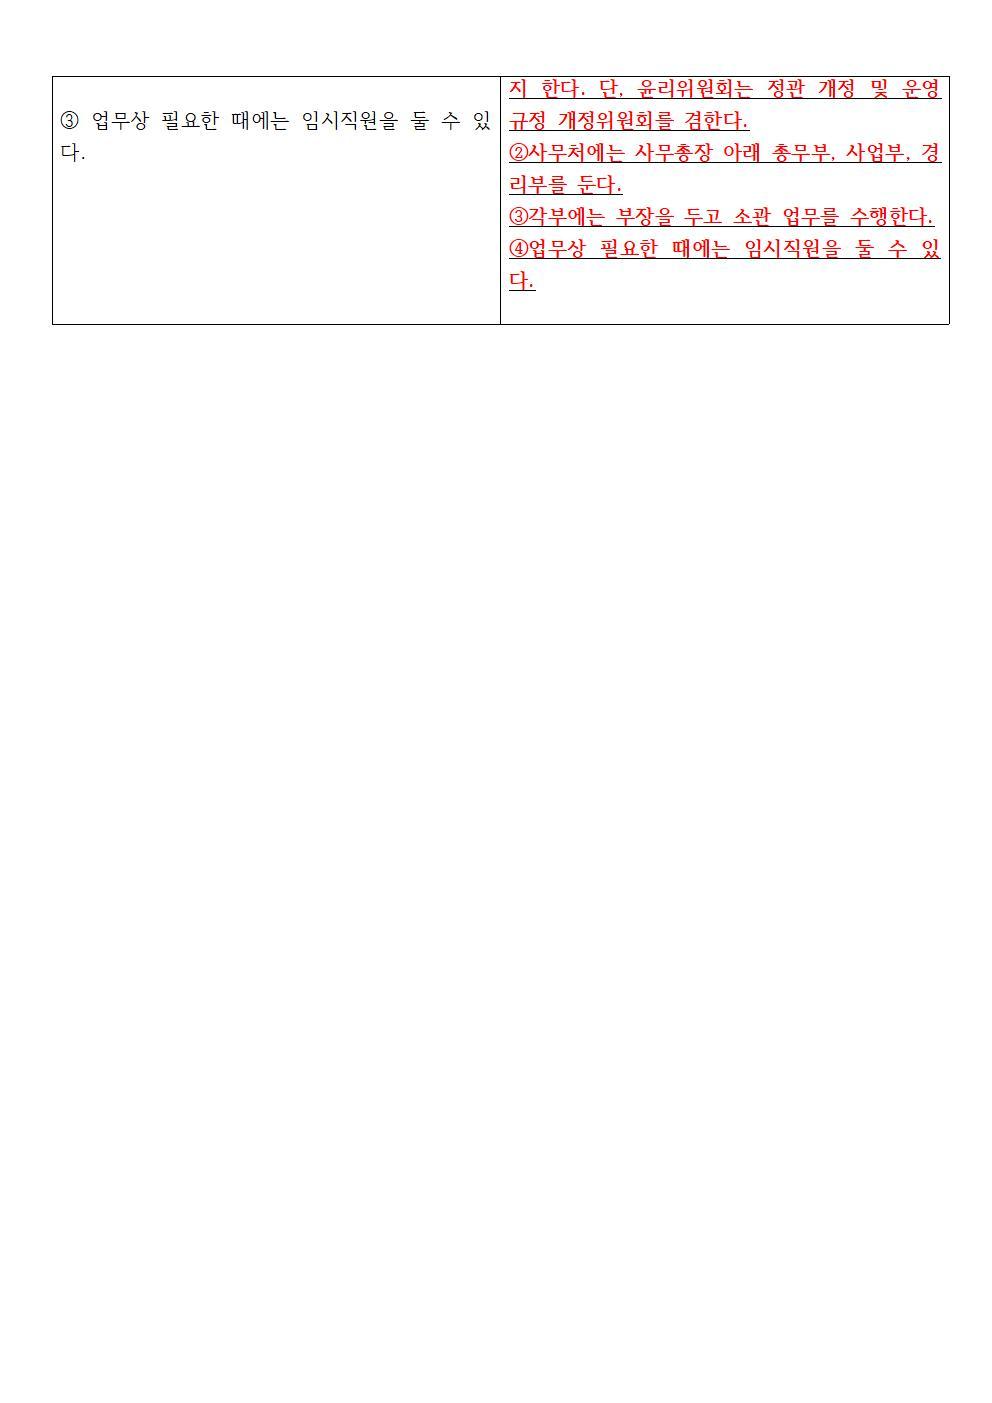 f16ef671694c766707e407b2f1e36f17_1596086